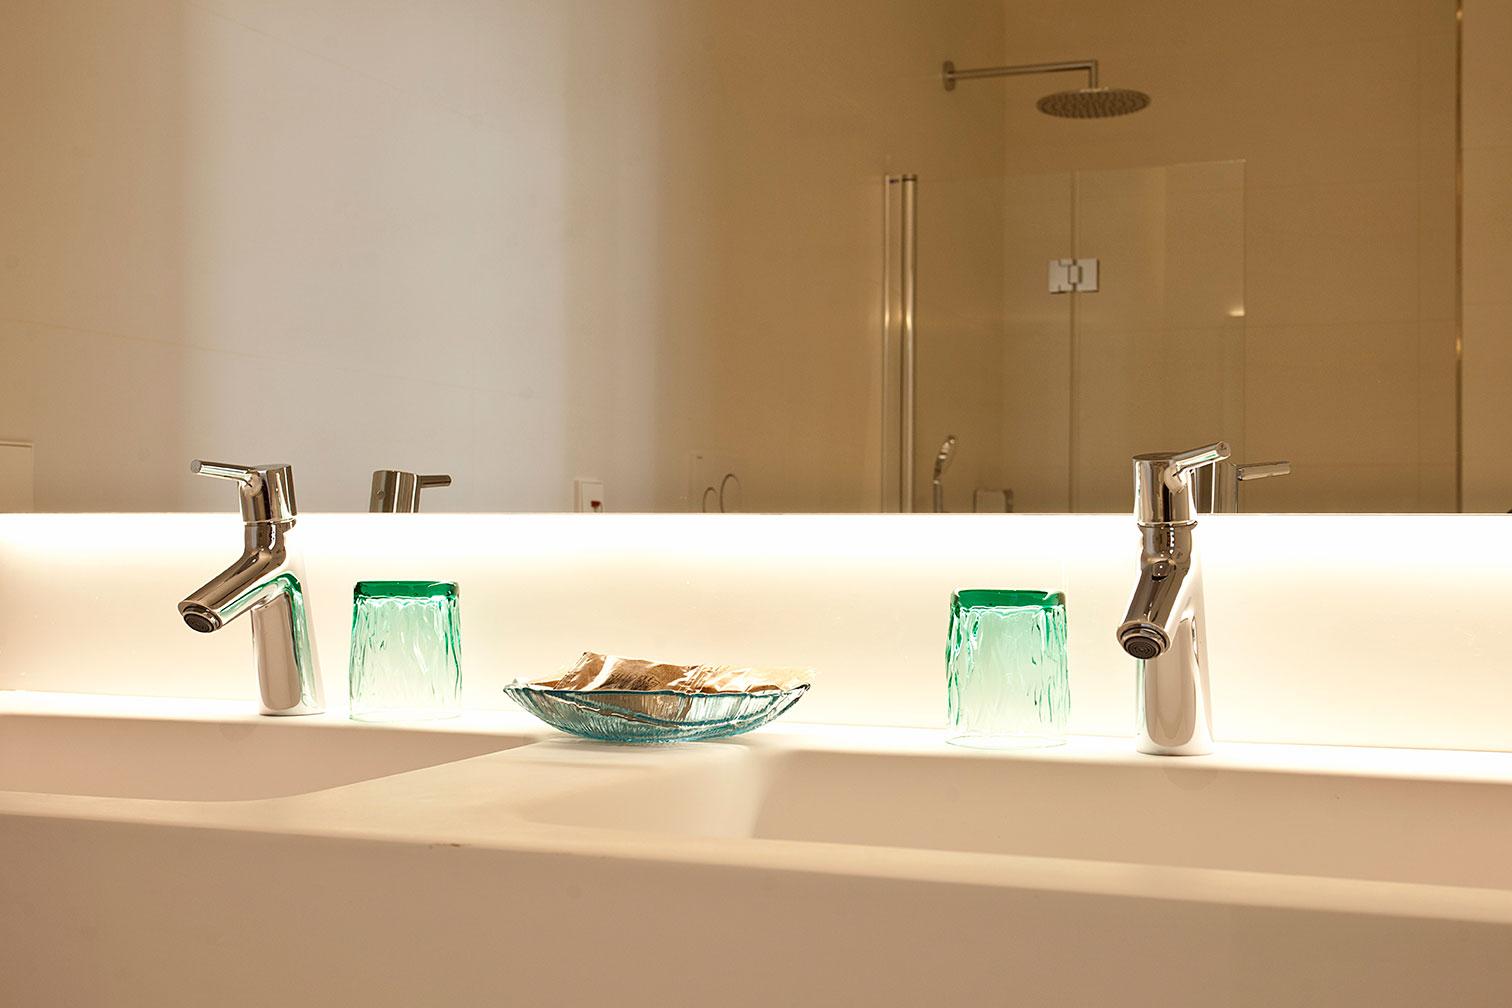 Baño, espejo y ducha